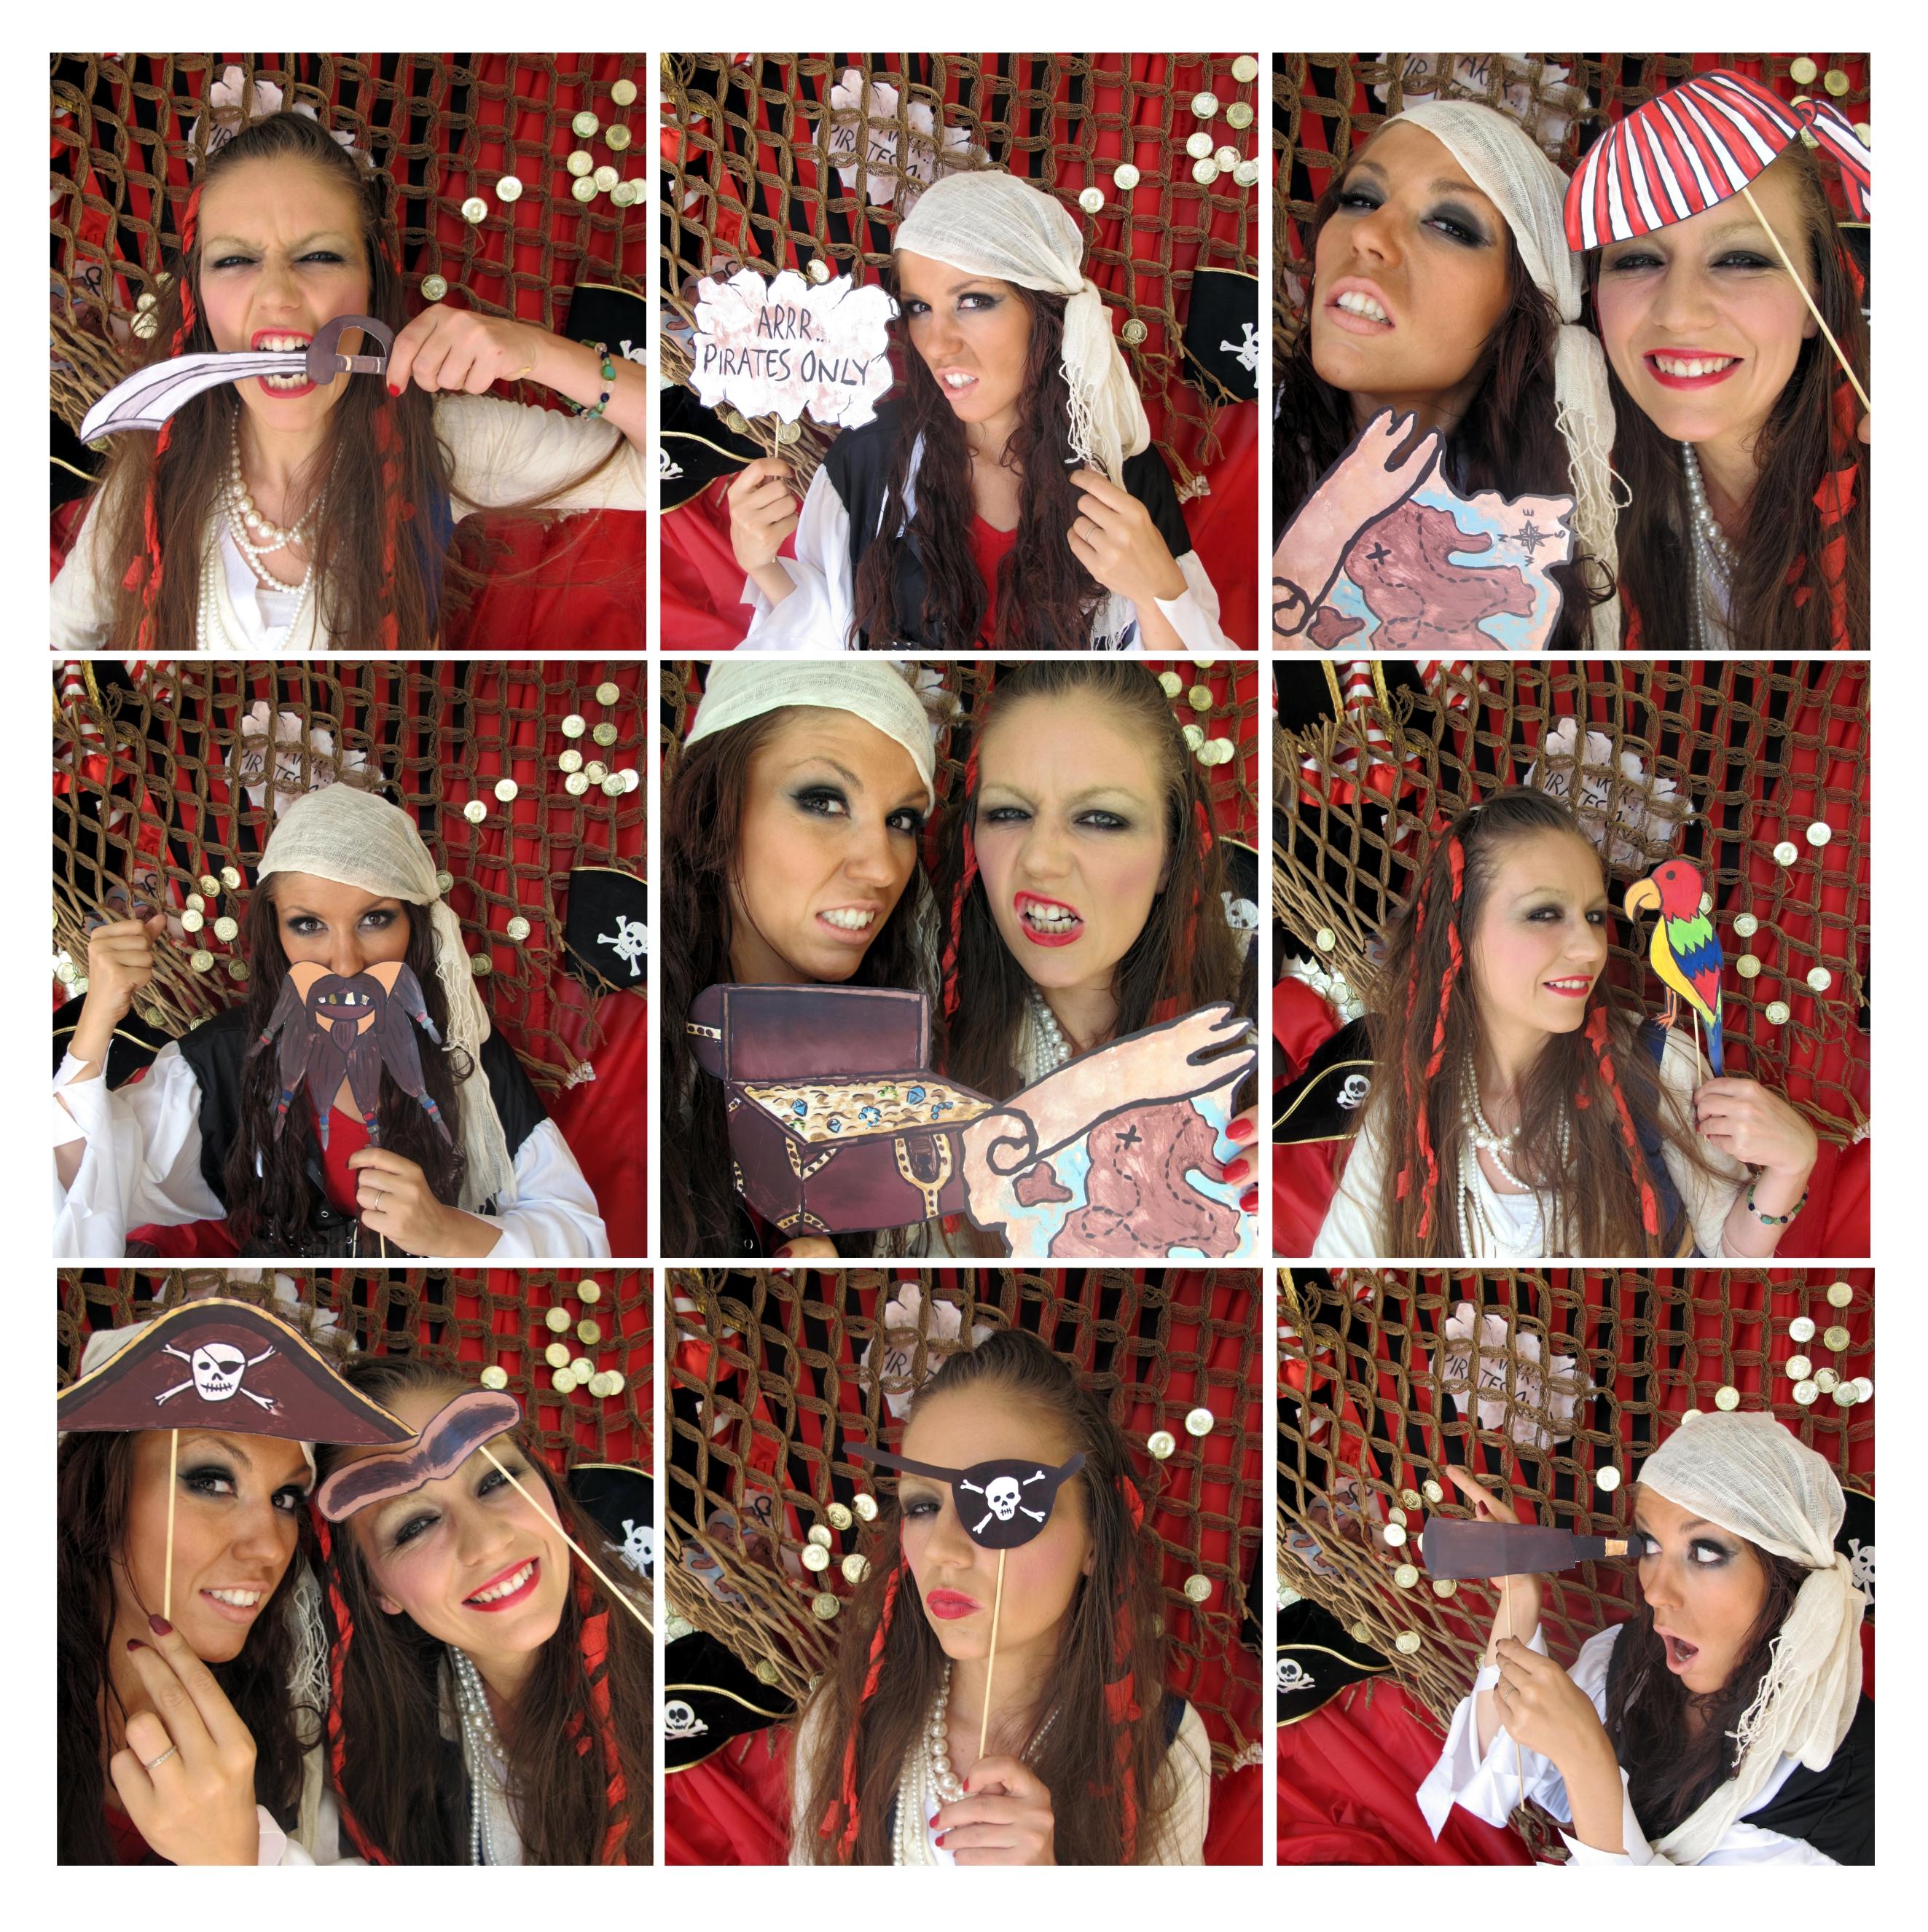 Arrrrrrrrrrr! Pirate Photo Booth Props